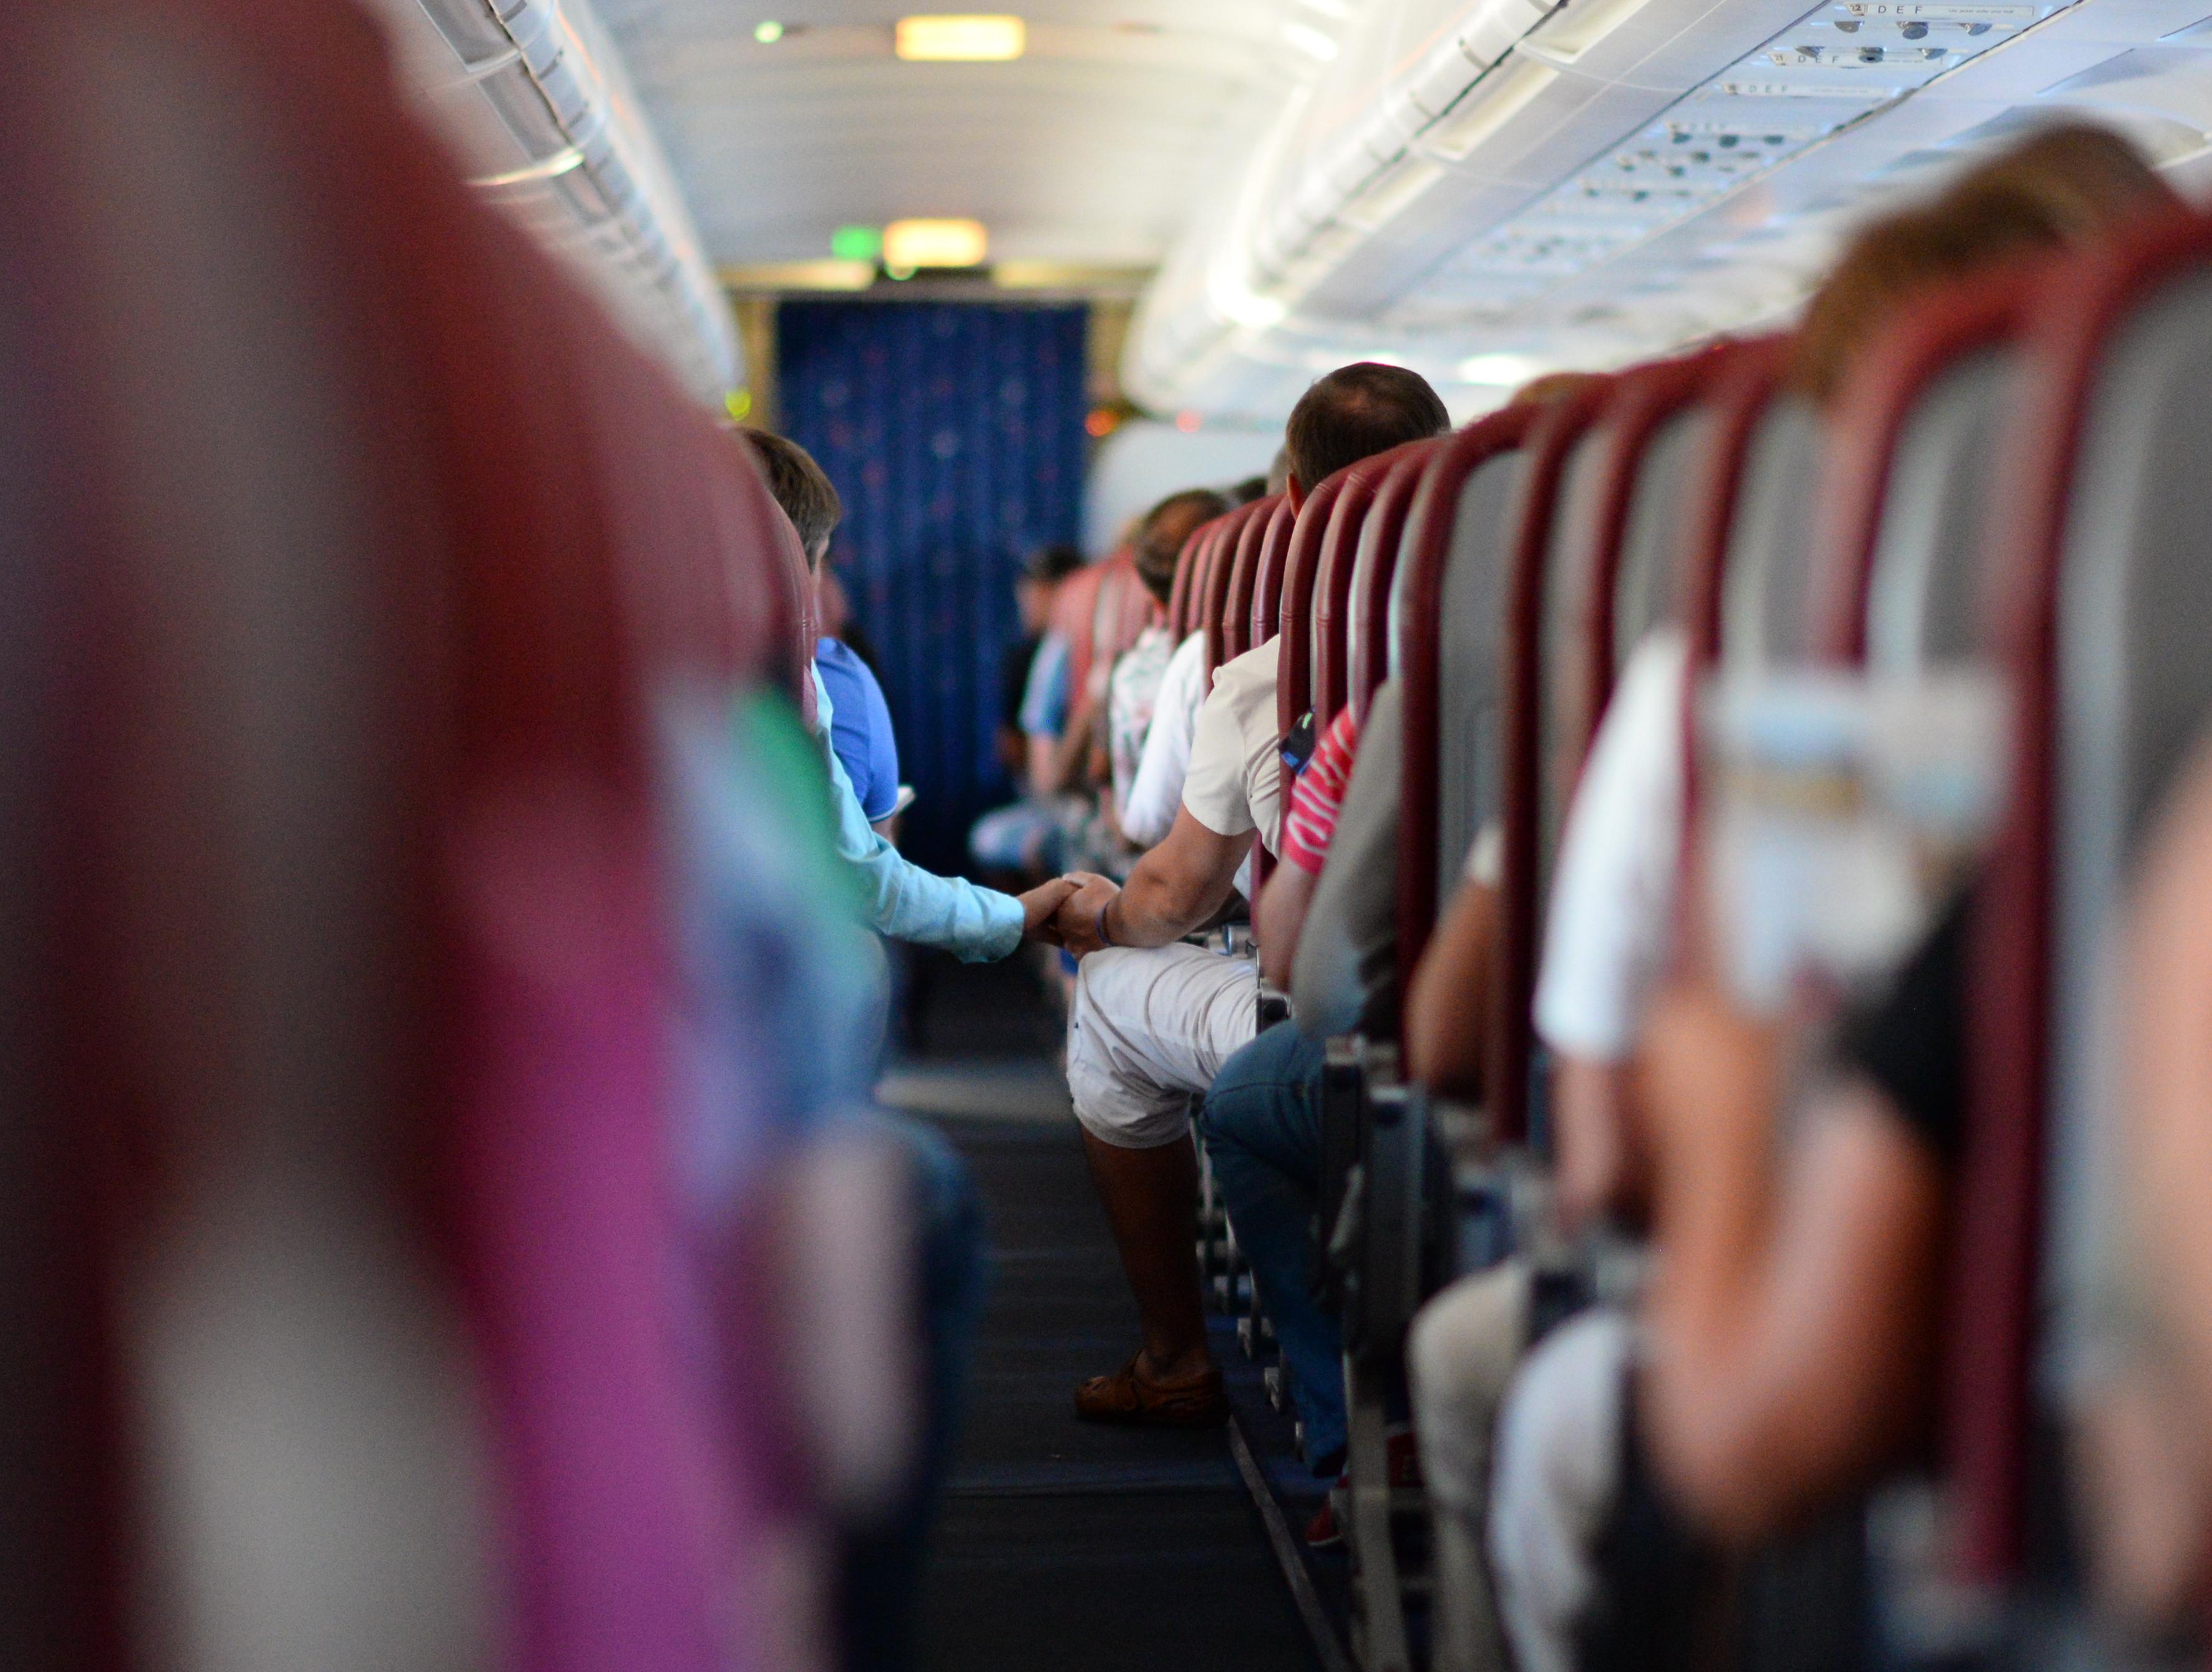 Логика простая - если покупать авиабилет заранее, он обычно стоит дешевле, чем за пару недель и уж тем более пару дней до рейса.